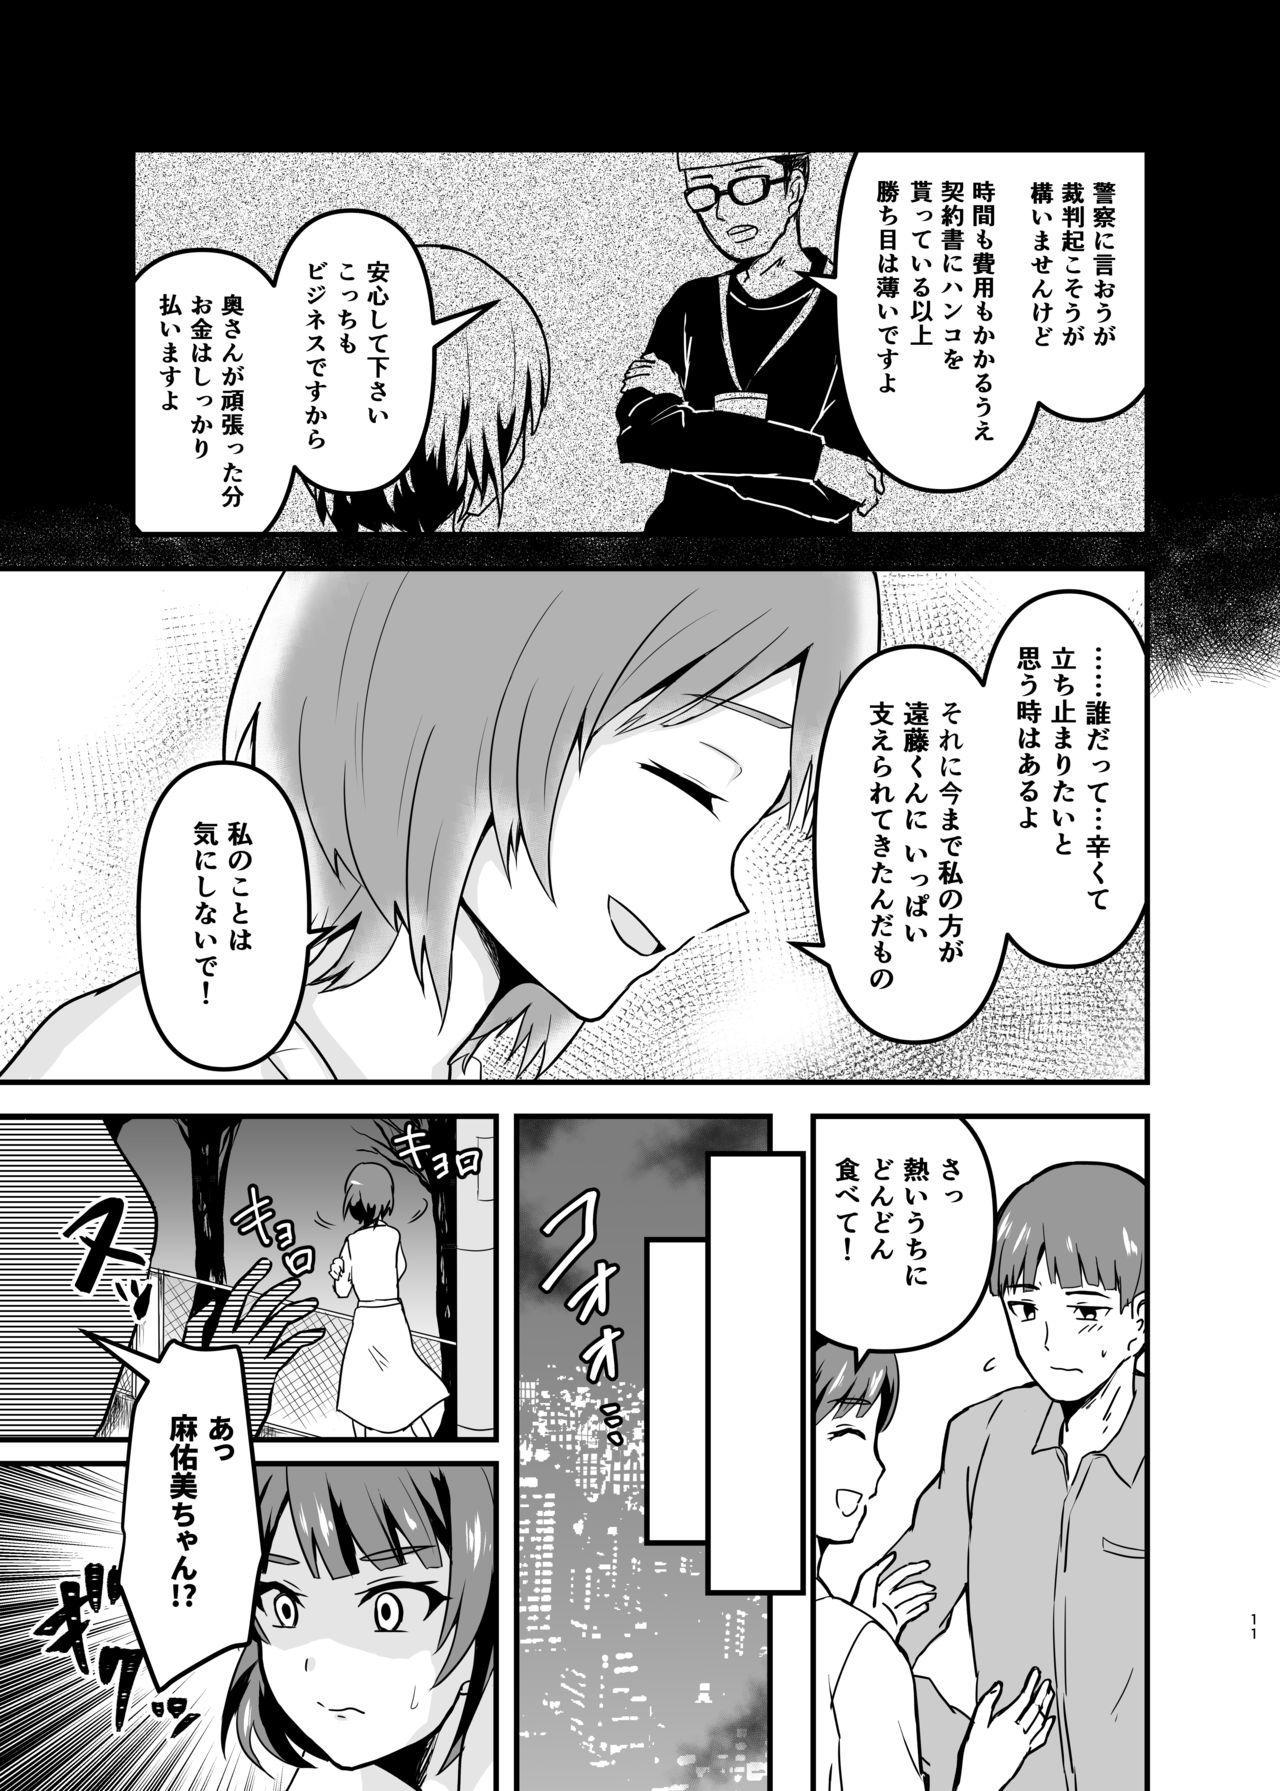 [Hanger Hansha (Yunokawa Yosomi)] Endou-san-chi no Oku-san (SHIROBAKO) [Digital] 10